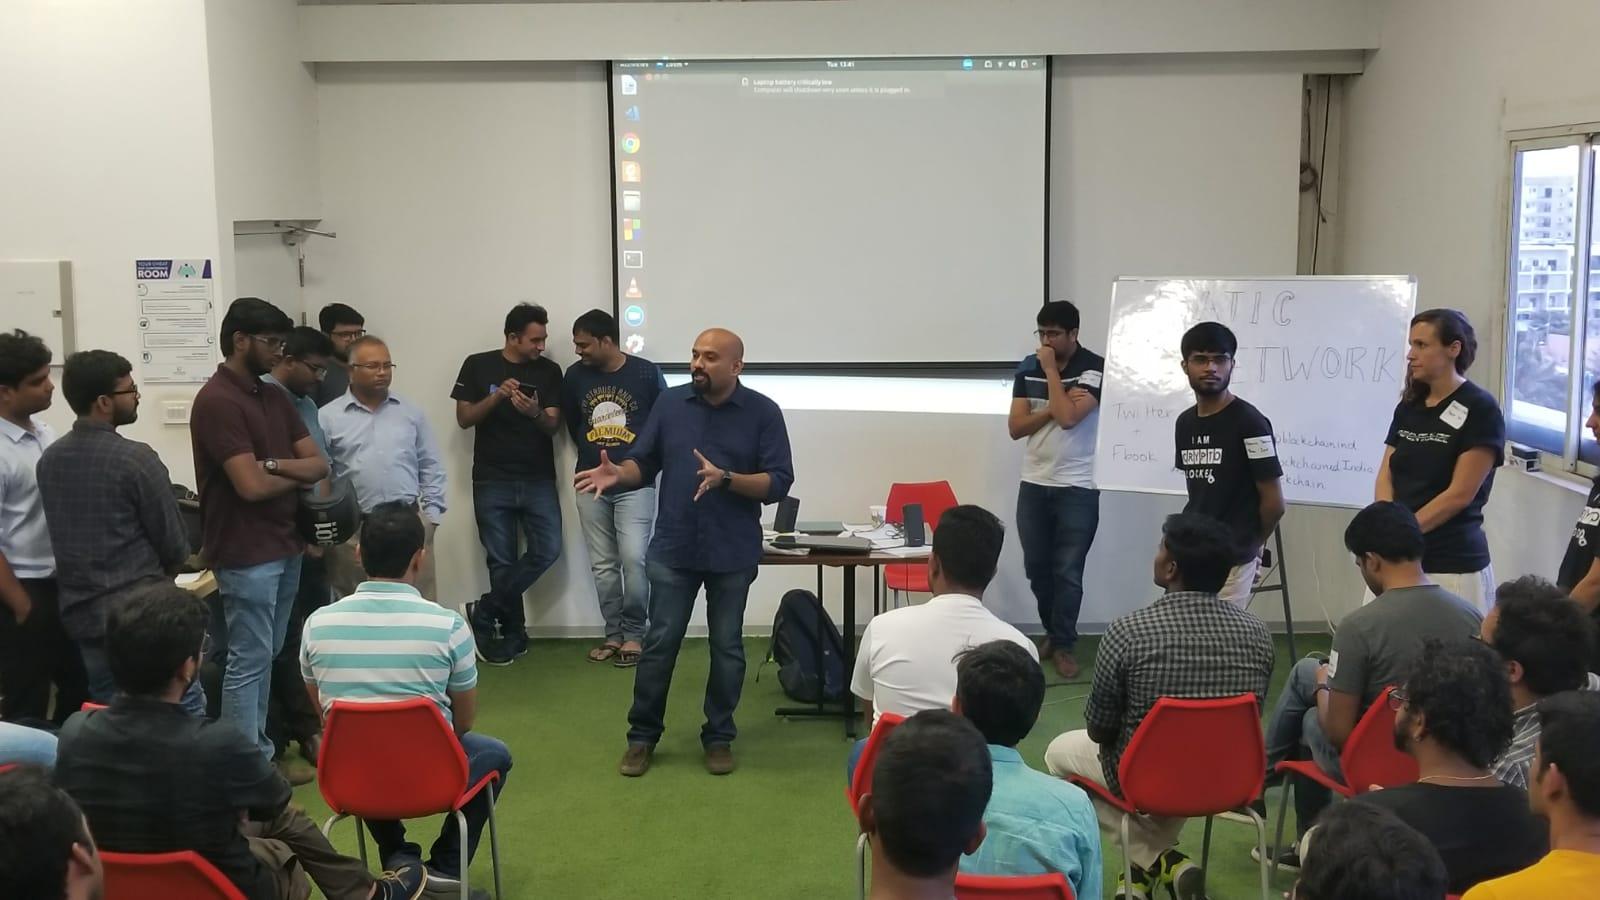 1st-day-Hackathon-Gokul-Alex